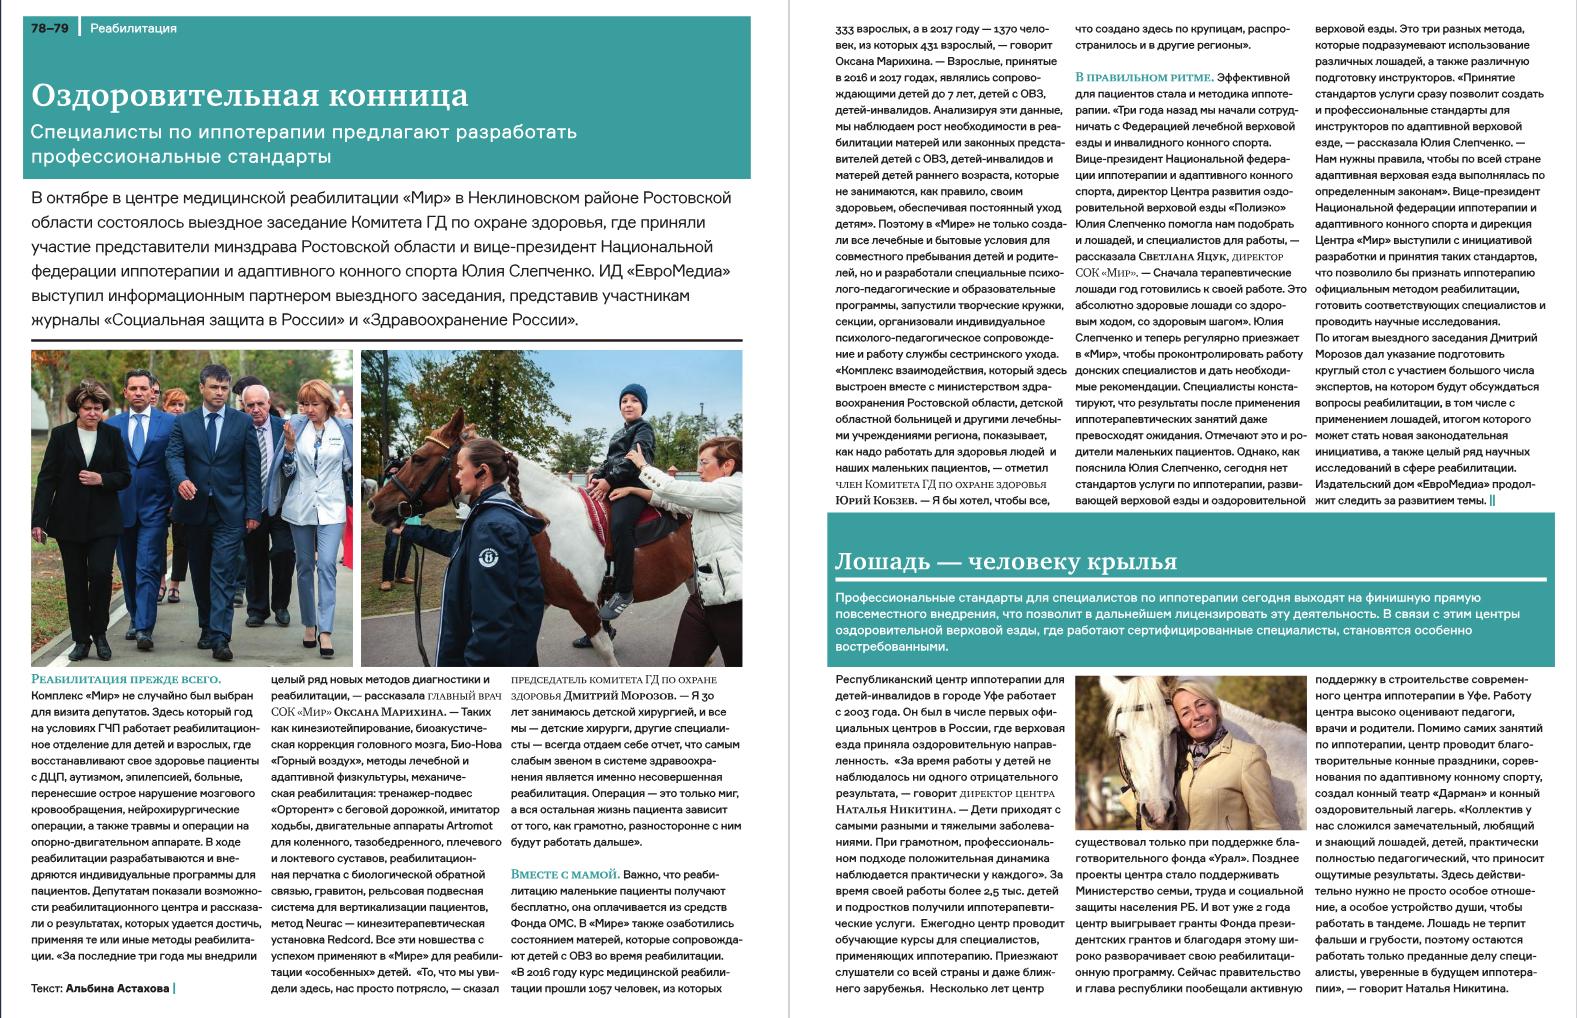 """Нас опубликовали в самом крупном авторитетном журнале """"Социальная защита в России""""!"""